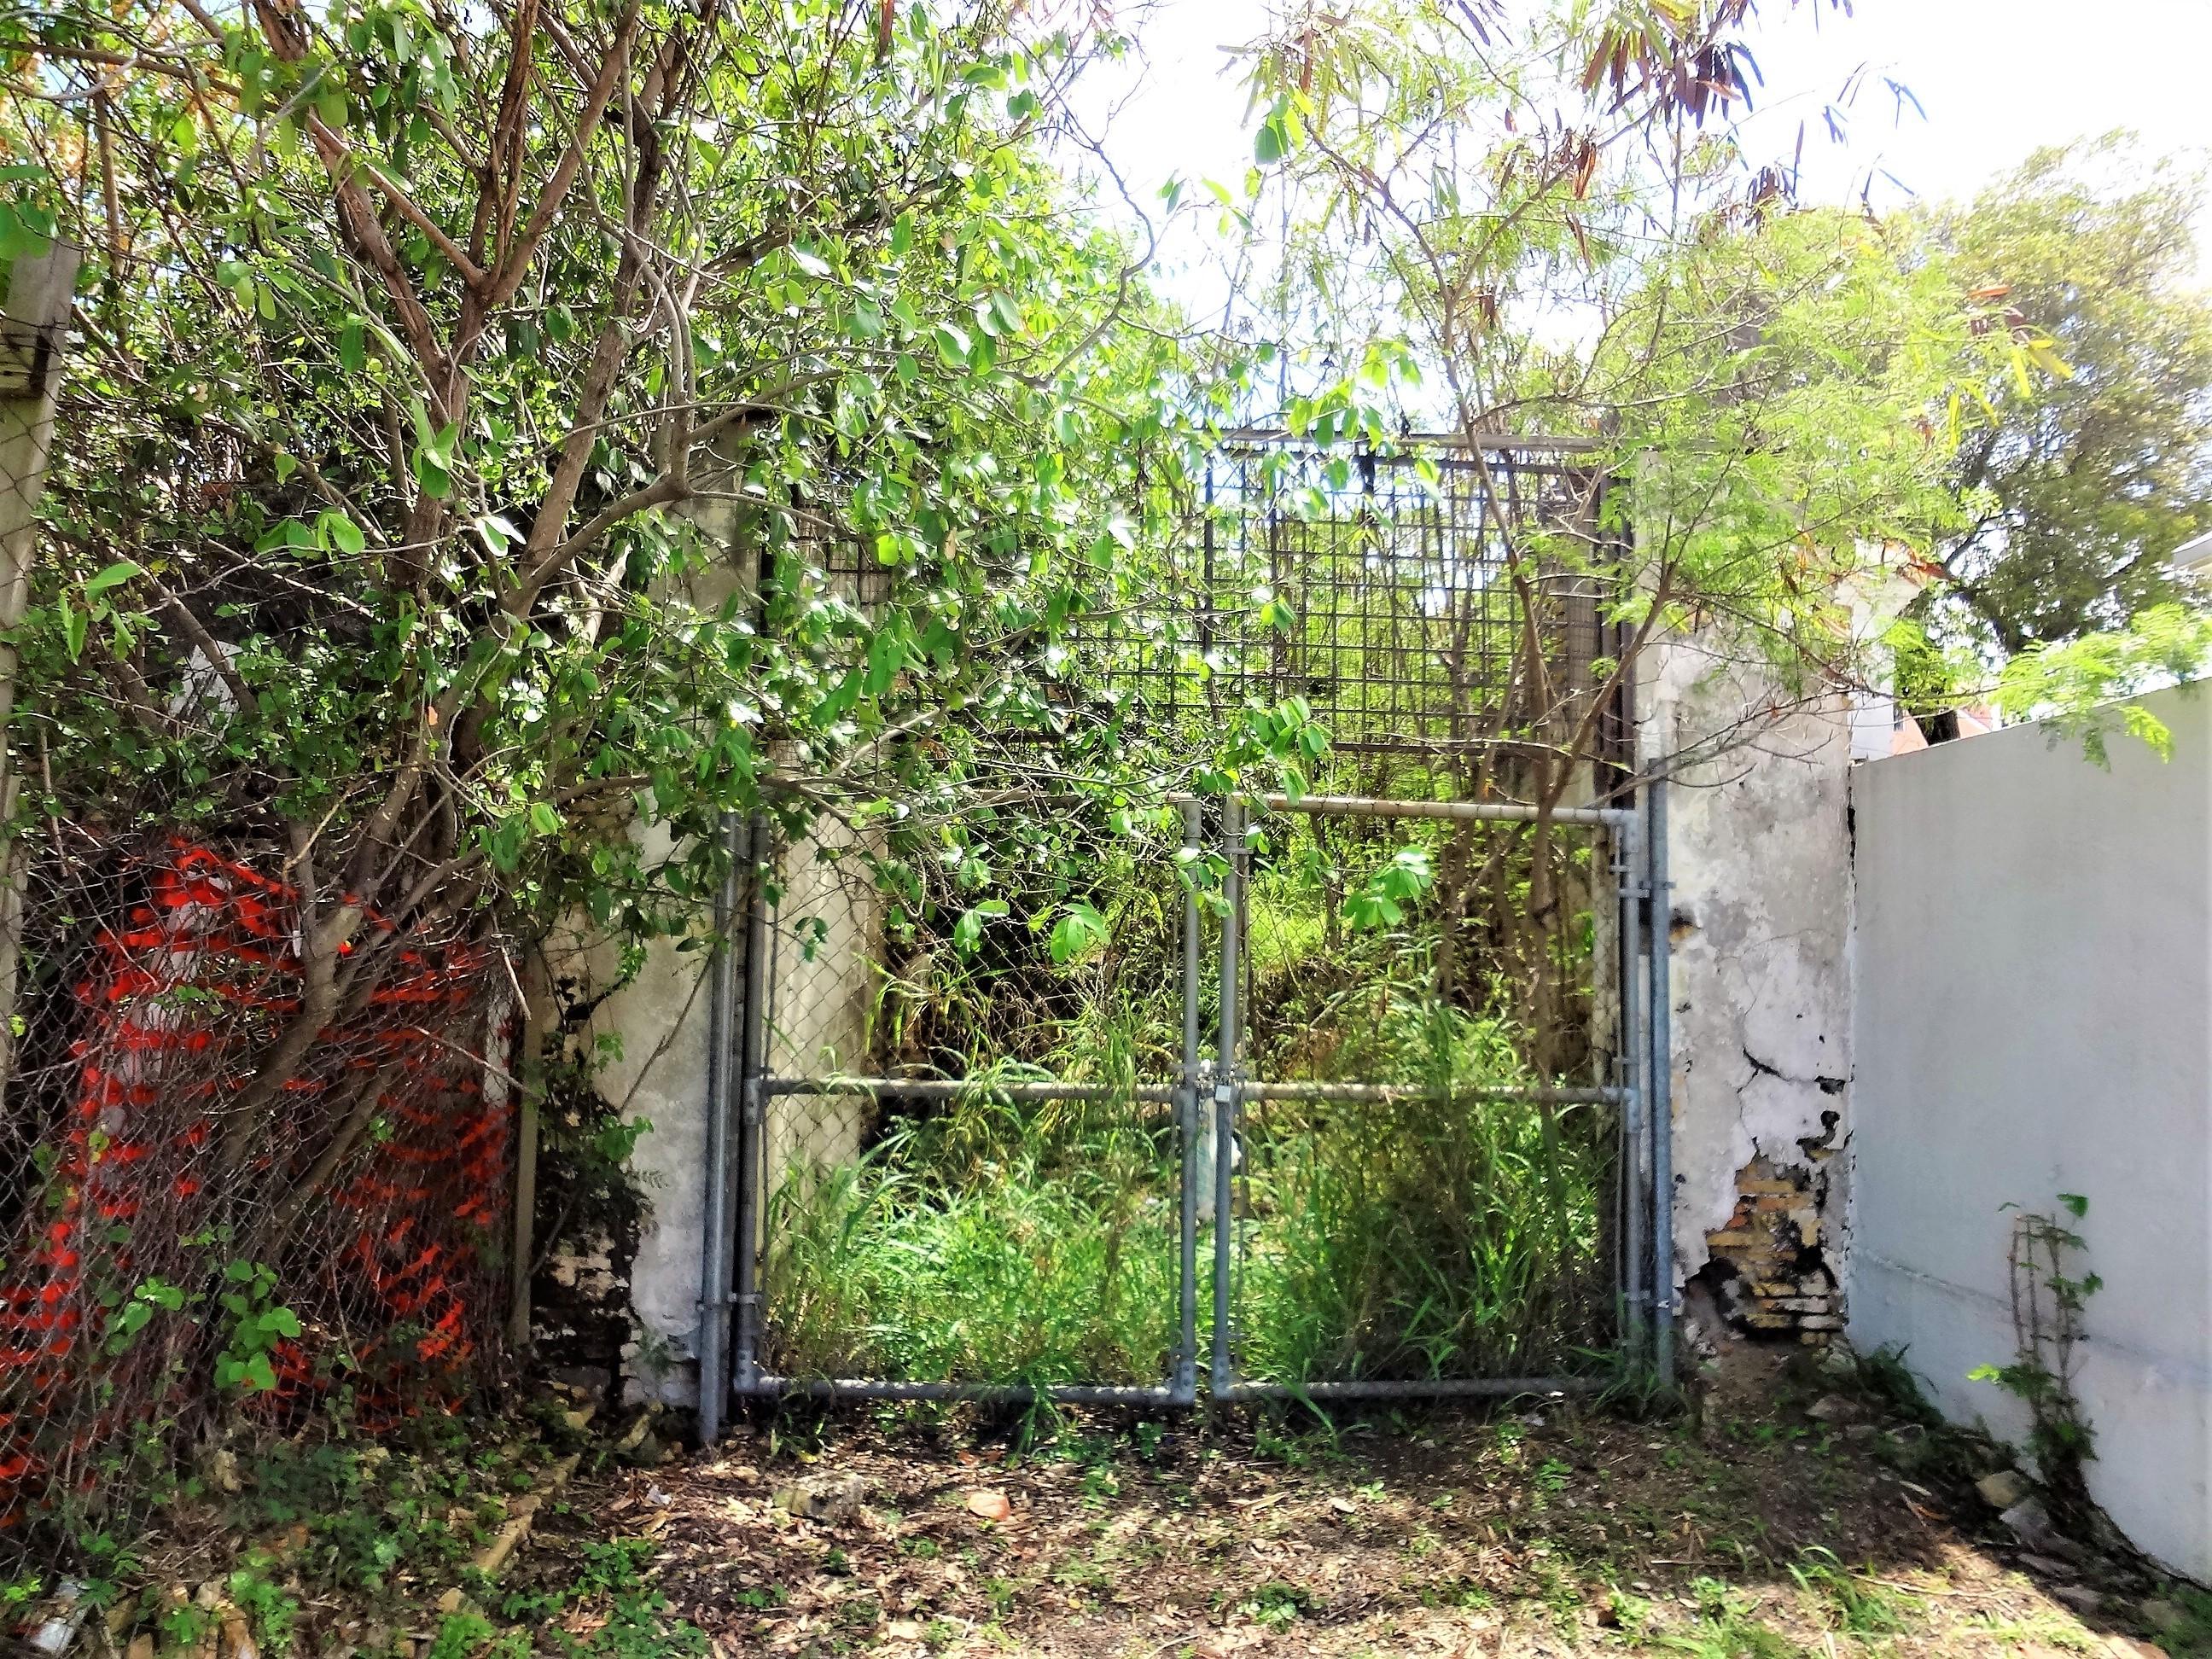 Gate on Entrance